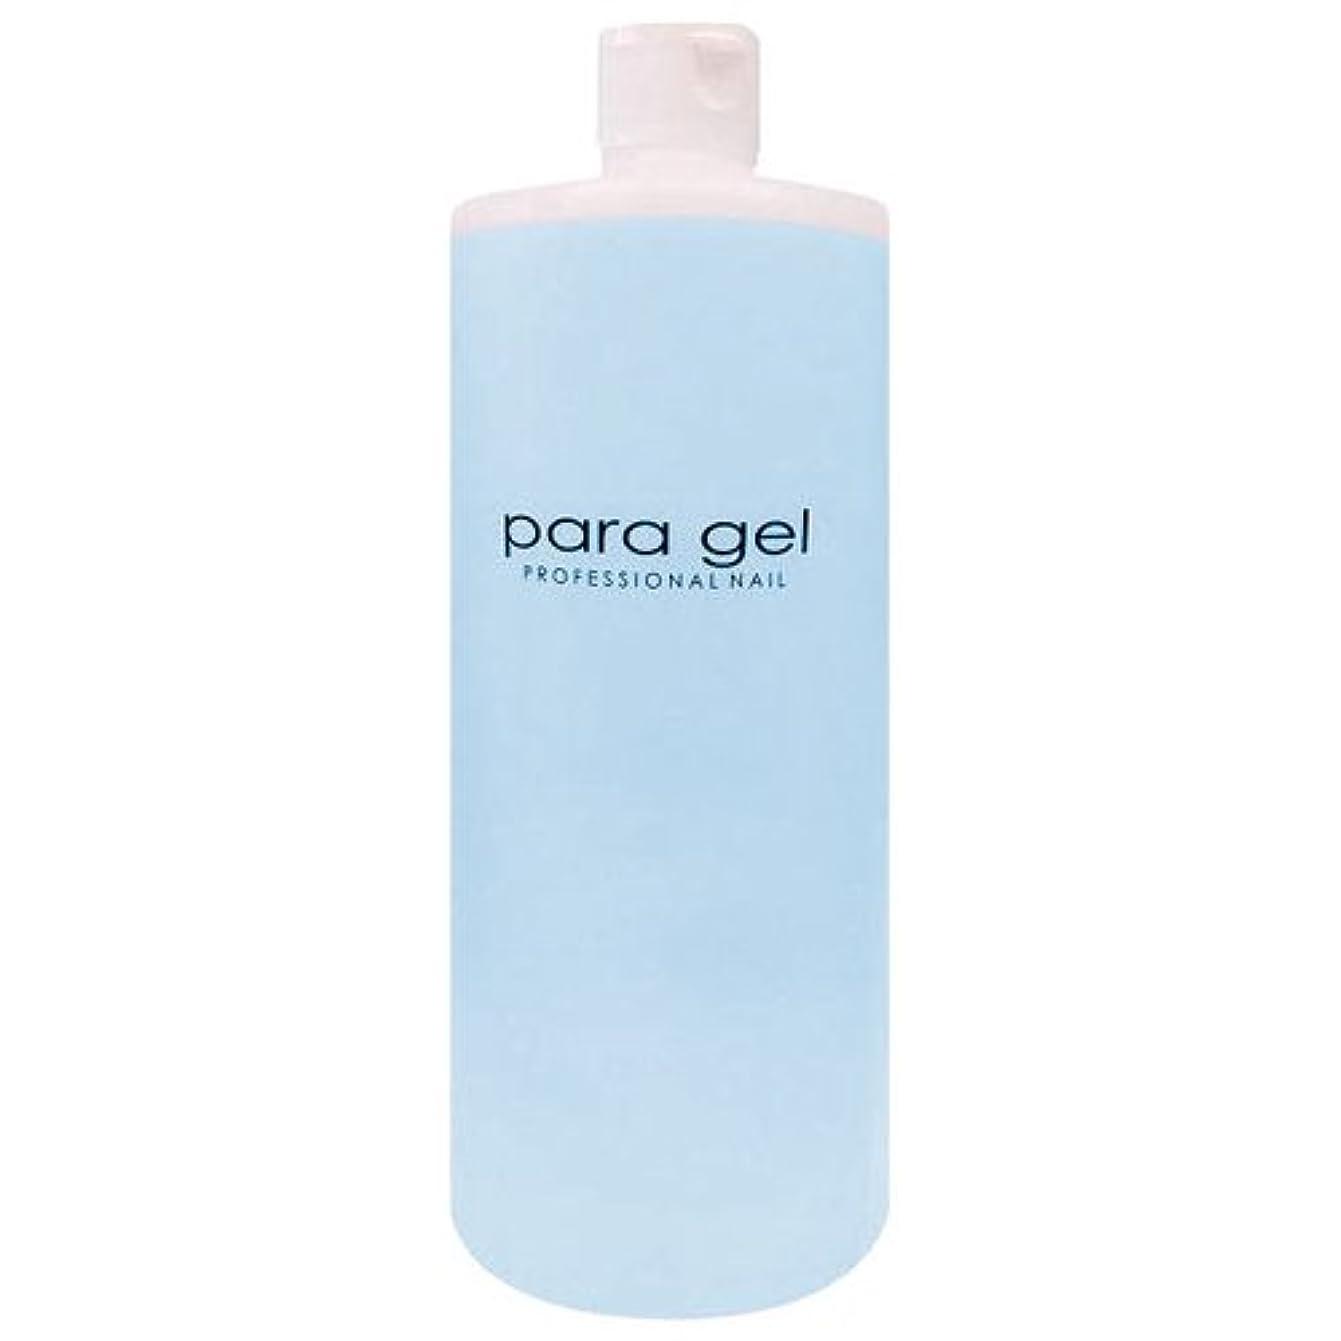 視線回路ブルパラジェル(para gel) パラプレップ 1000ml